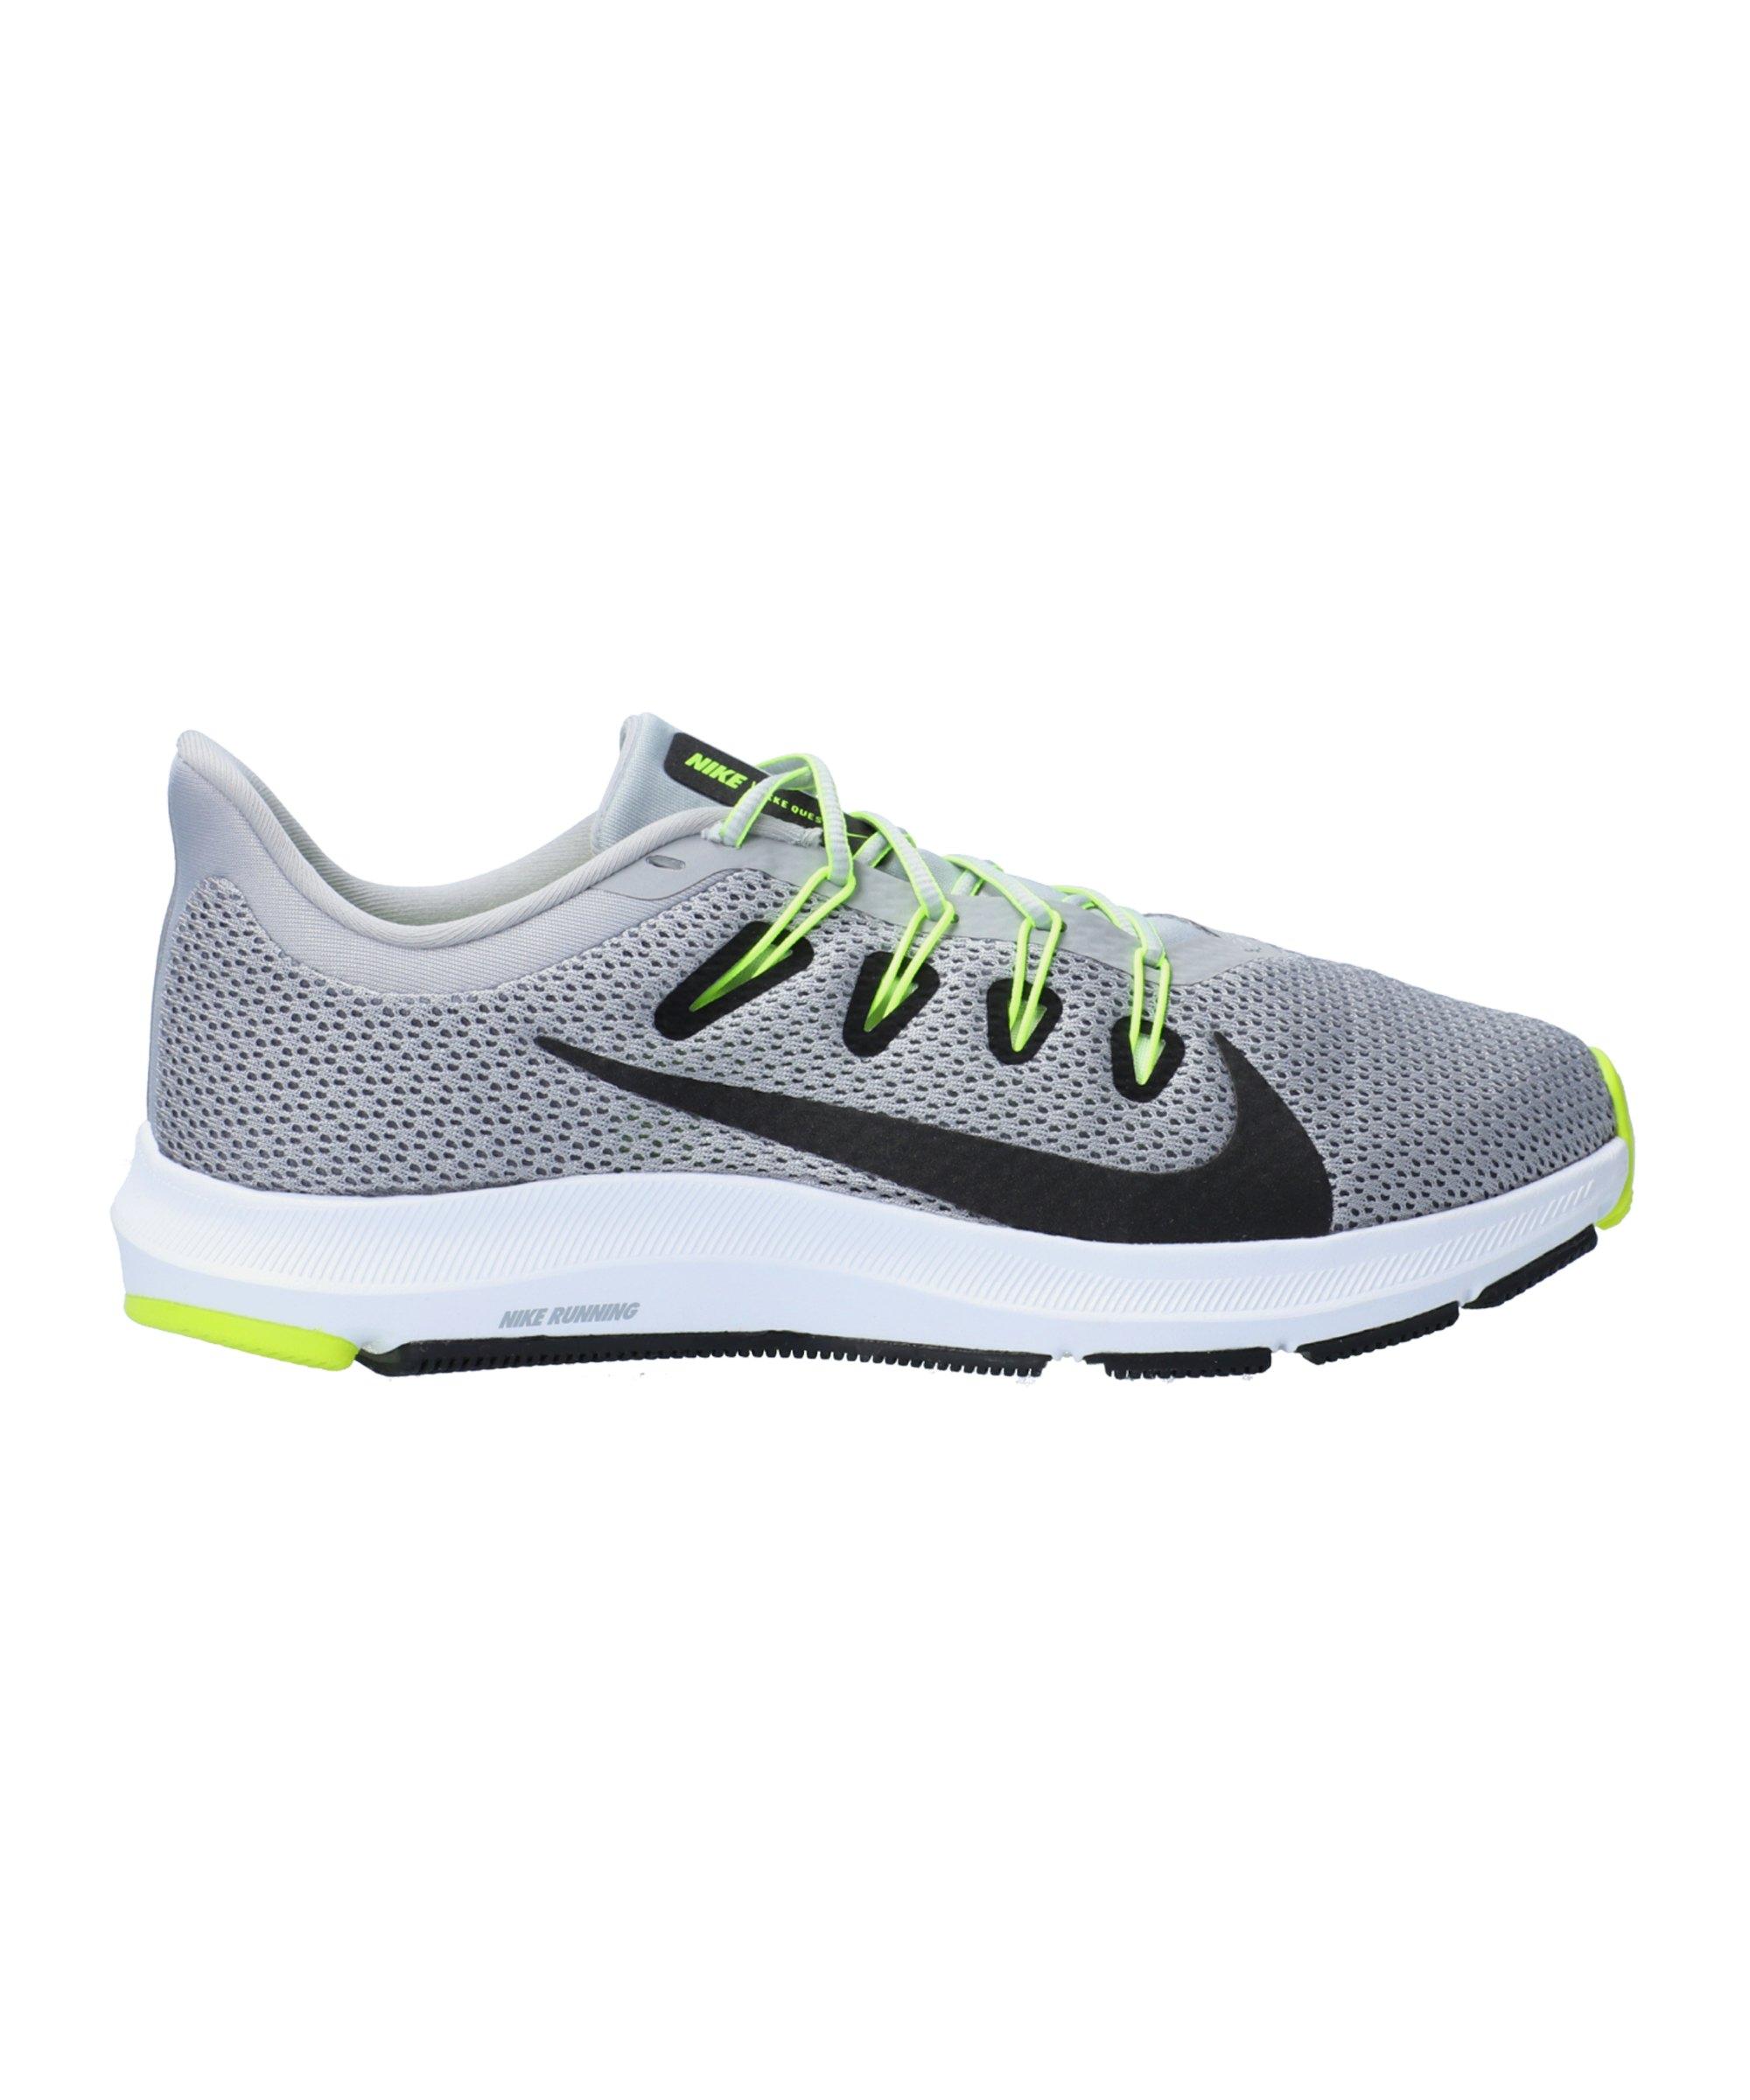 Nike Quest 2 Running Grau Schwarz F011 - grau